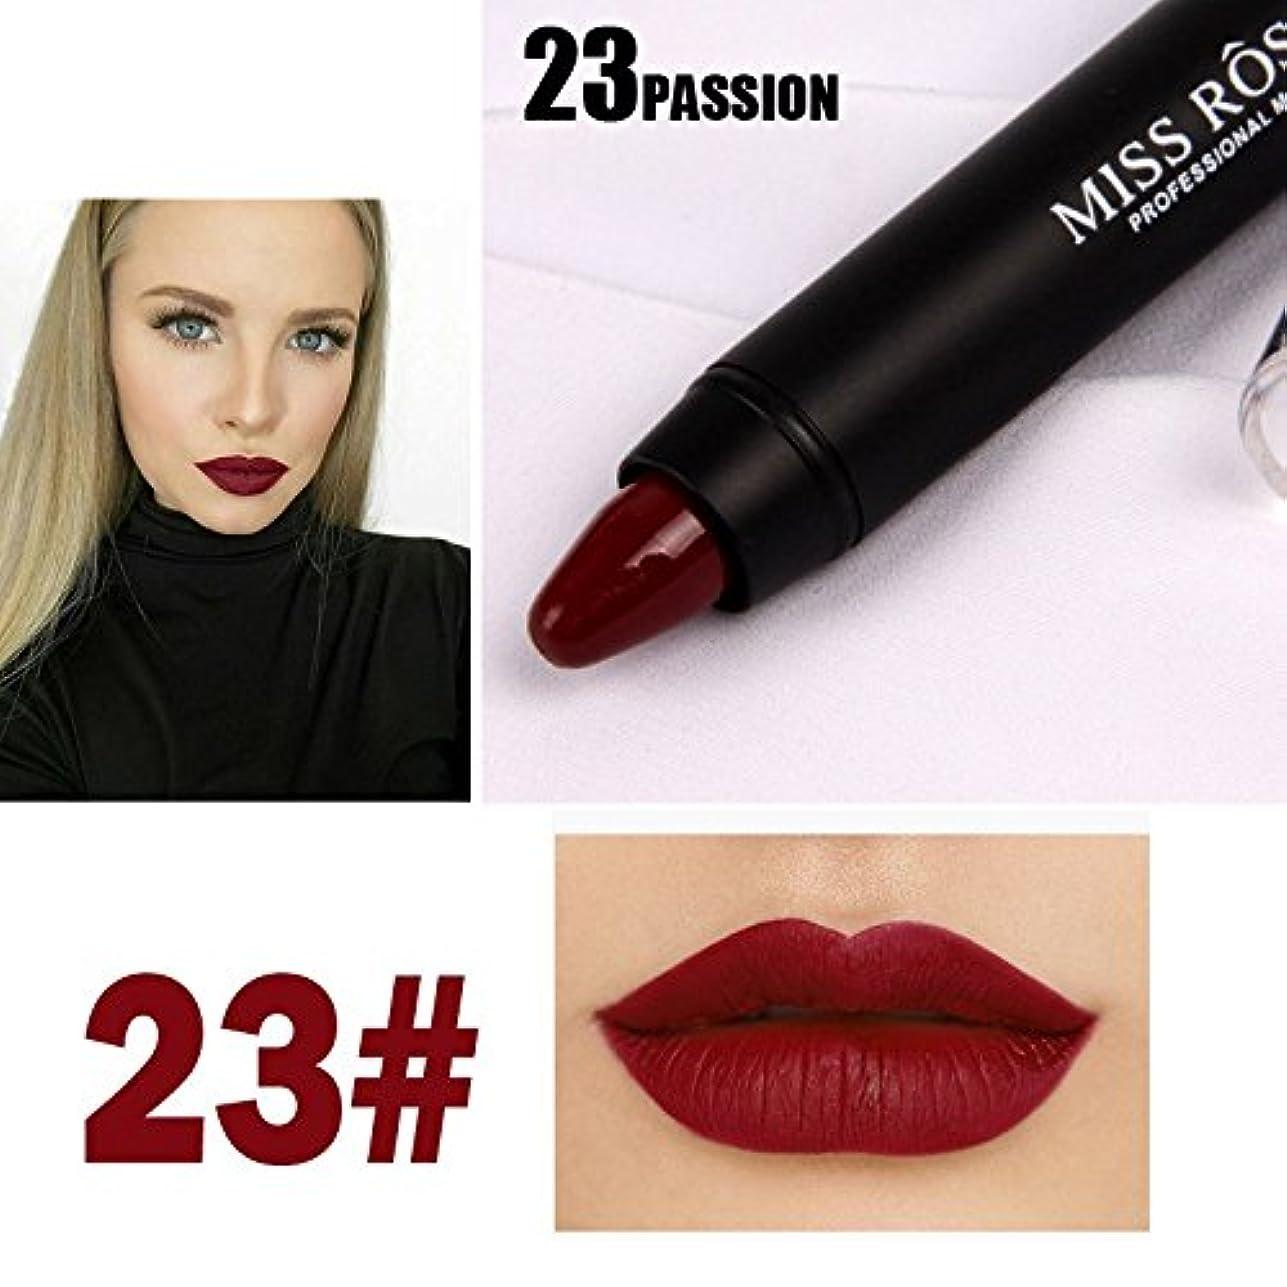 肥料アウターファッションMISS ROSE Professional Women Waterproof Lipstick Lips Cream Beauty Lote Batom Matte Lipstick Nude Pencils Makeup